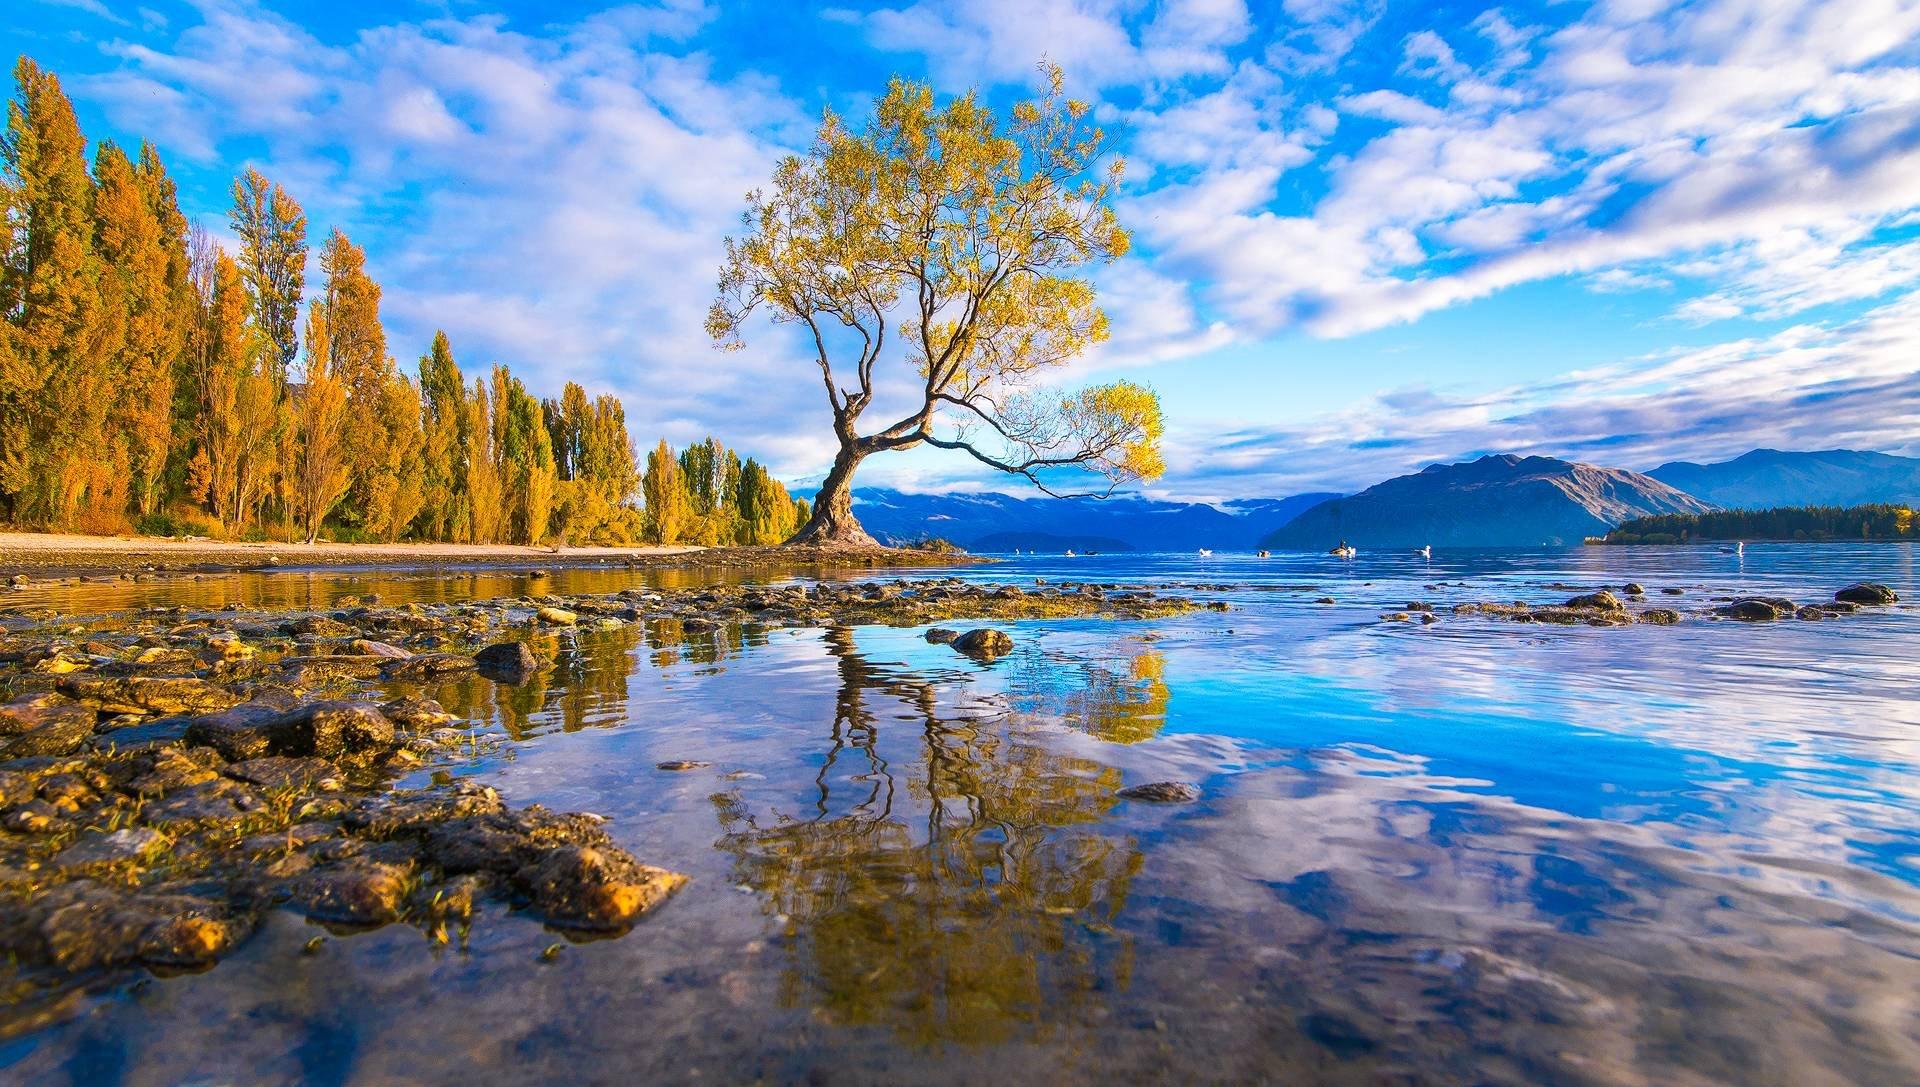 Lake Wanaka New Zealand 17167 Wallpaper - Beautiful Lakes In New Zealand , HD Wallpaper & Backgrounds